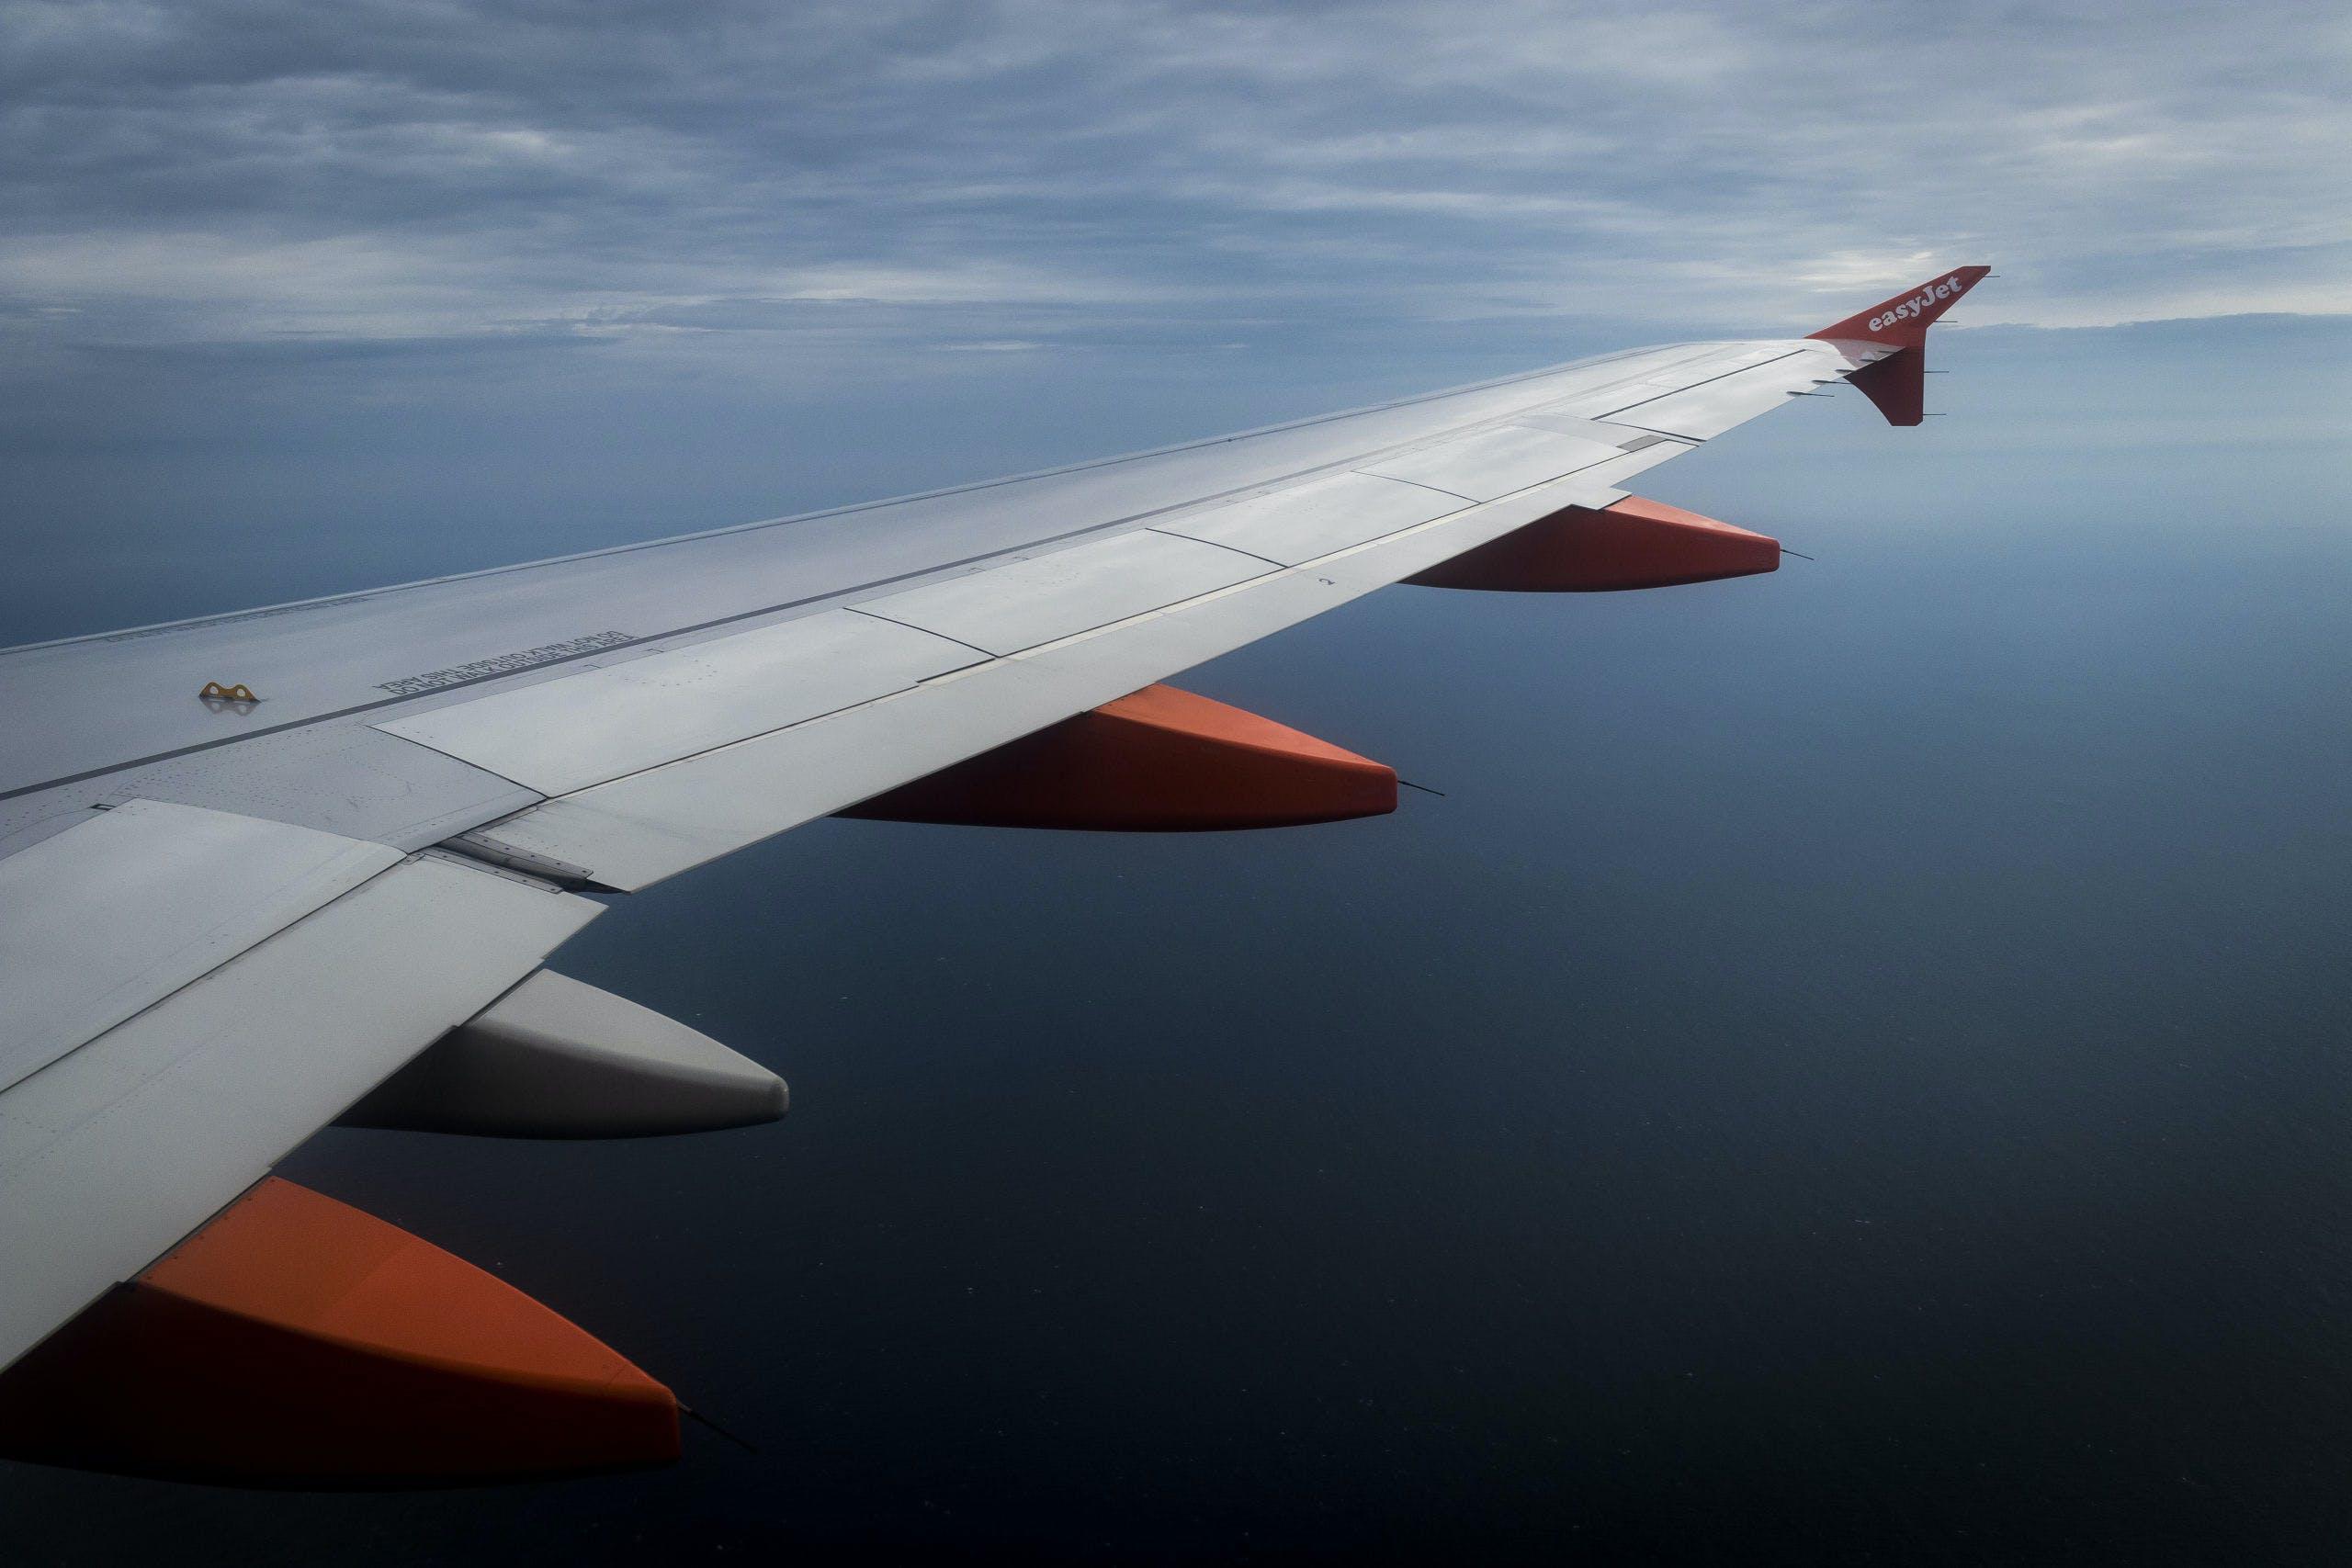 Vliegtuig van EasyJet boven de Noordzee.